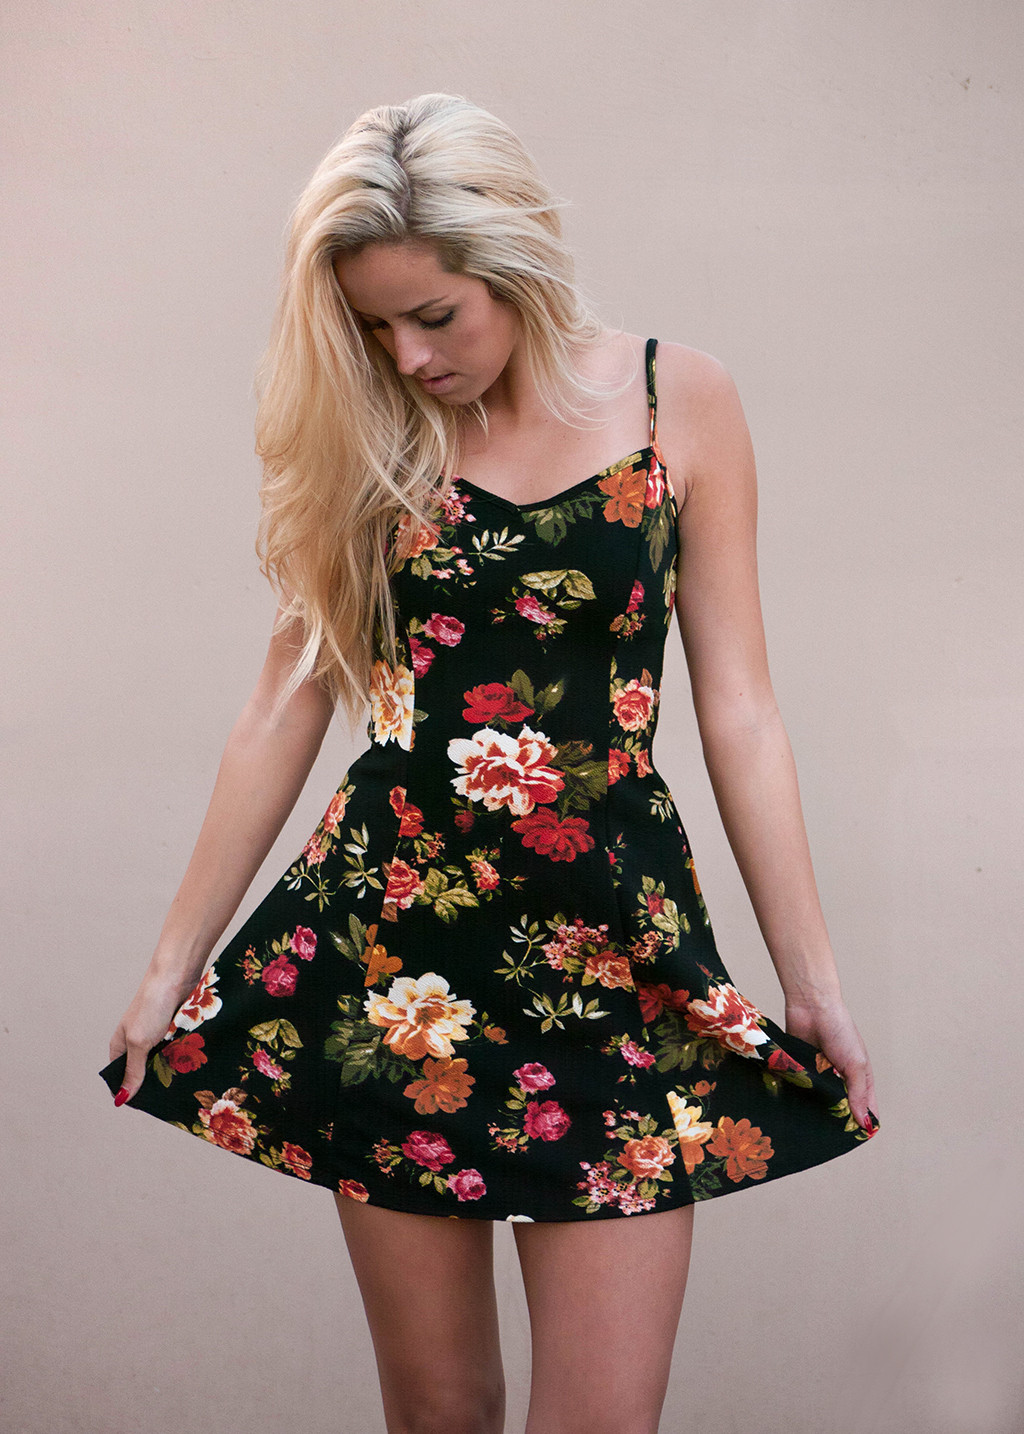 Floral sweetheart skater dress – desert rose apparel